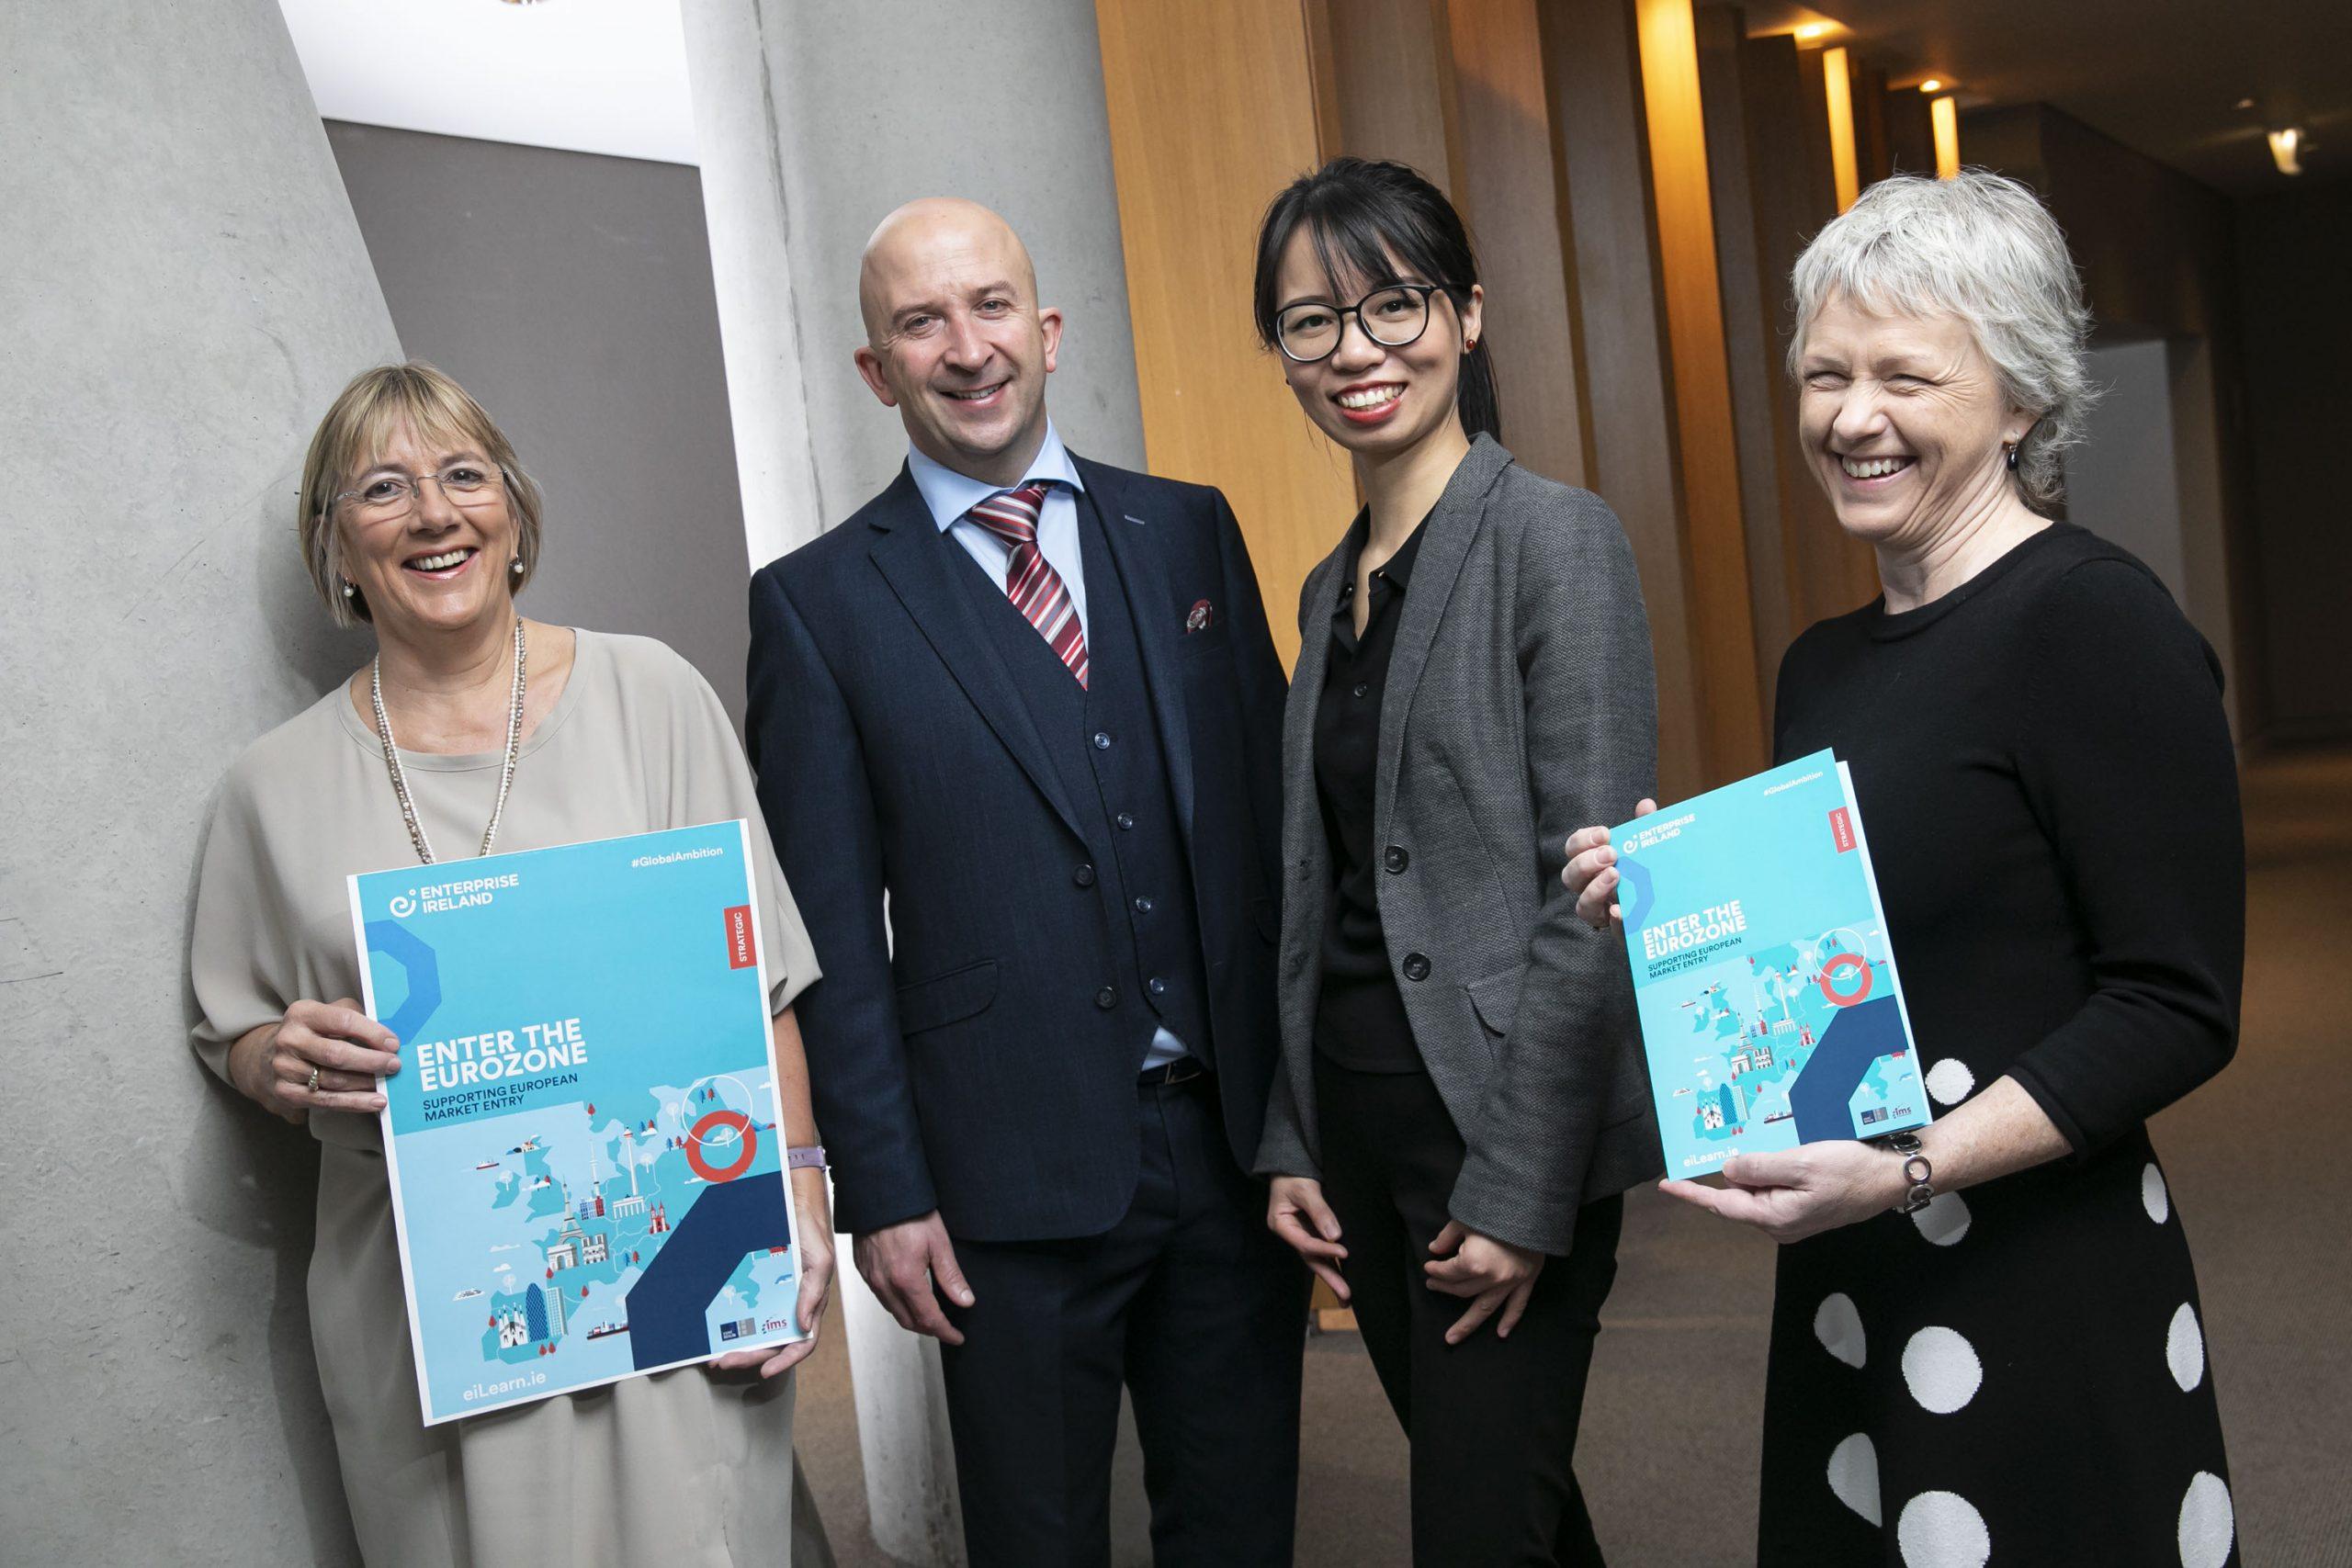 """Ausgezeichnet! Enterprise Ireland wird bei den EFMD Awards für sein """"Enter the Eurozone""""-Programm prämiert"""